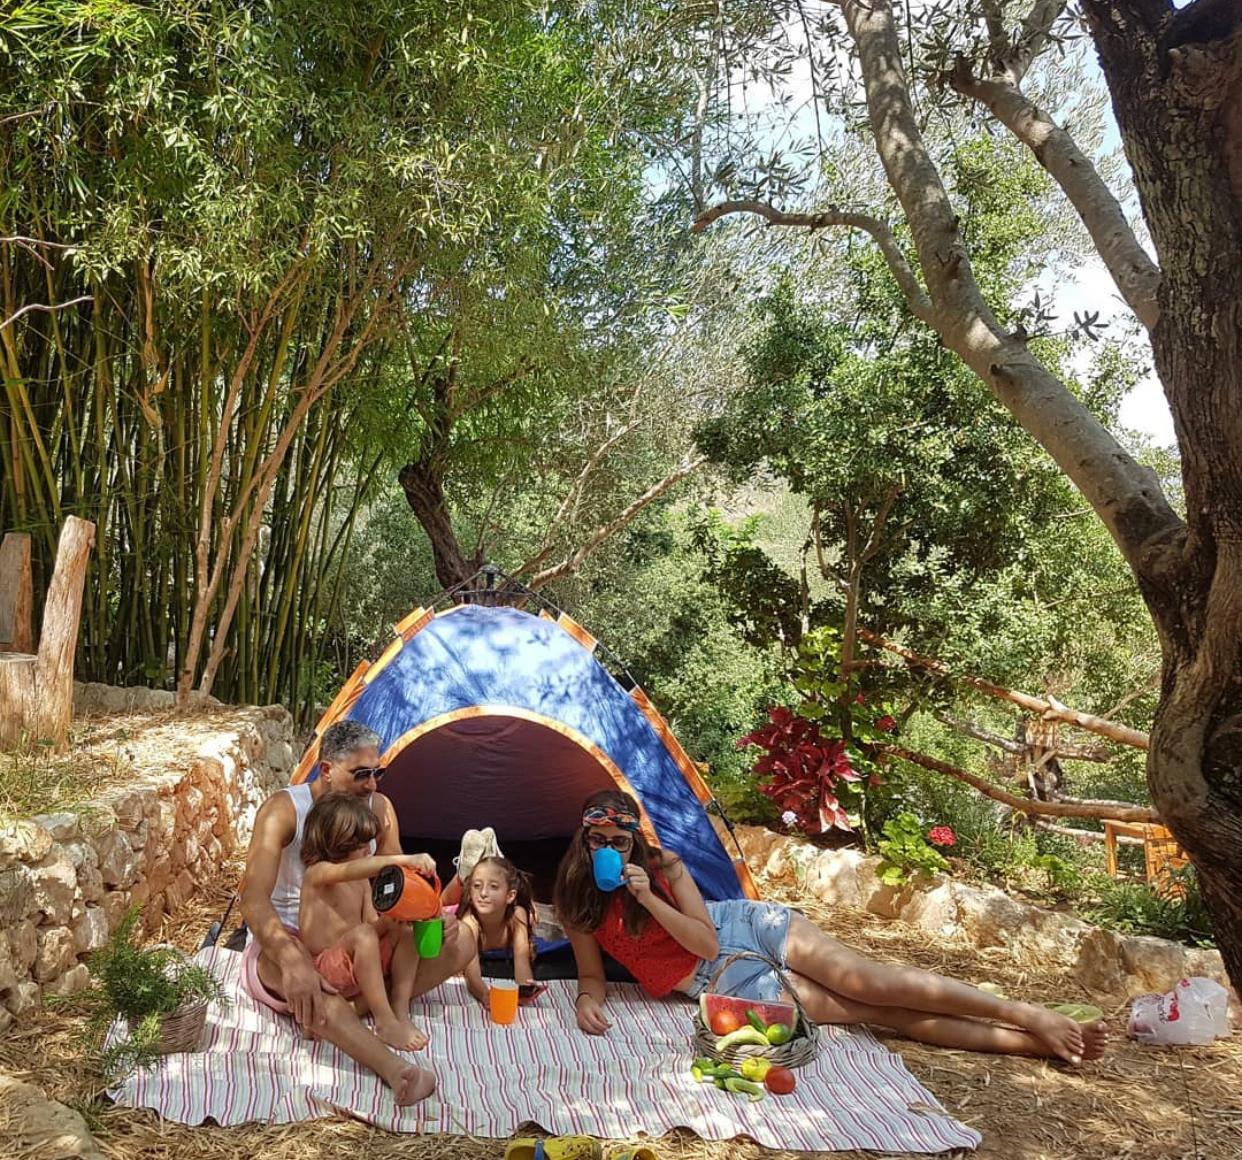 Jahliye-Camping-bl-tabi3a-lebanon-traveler